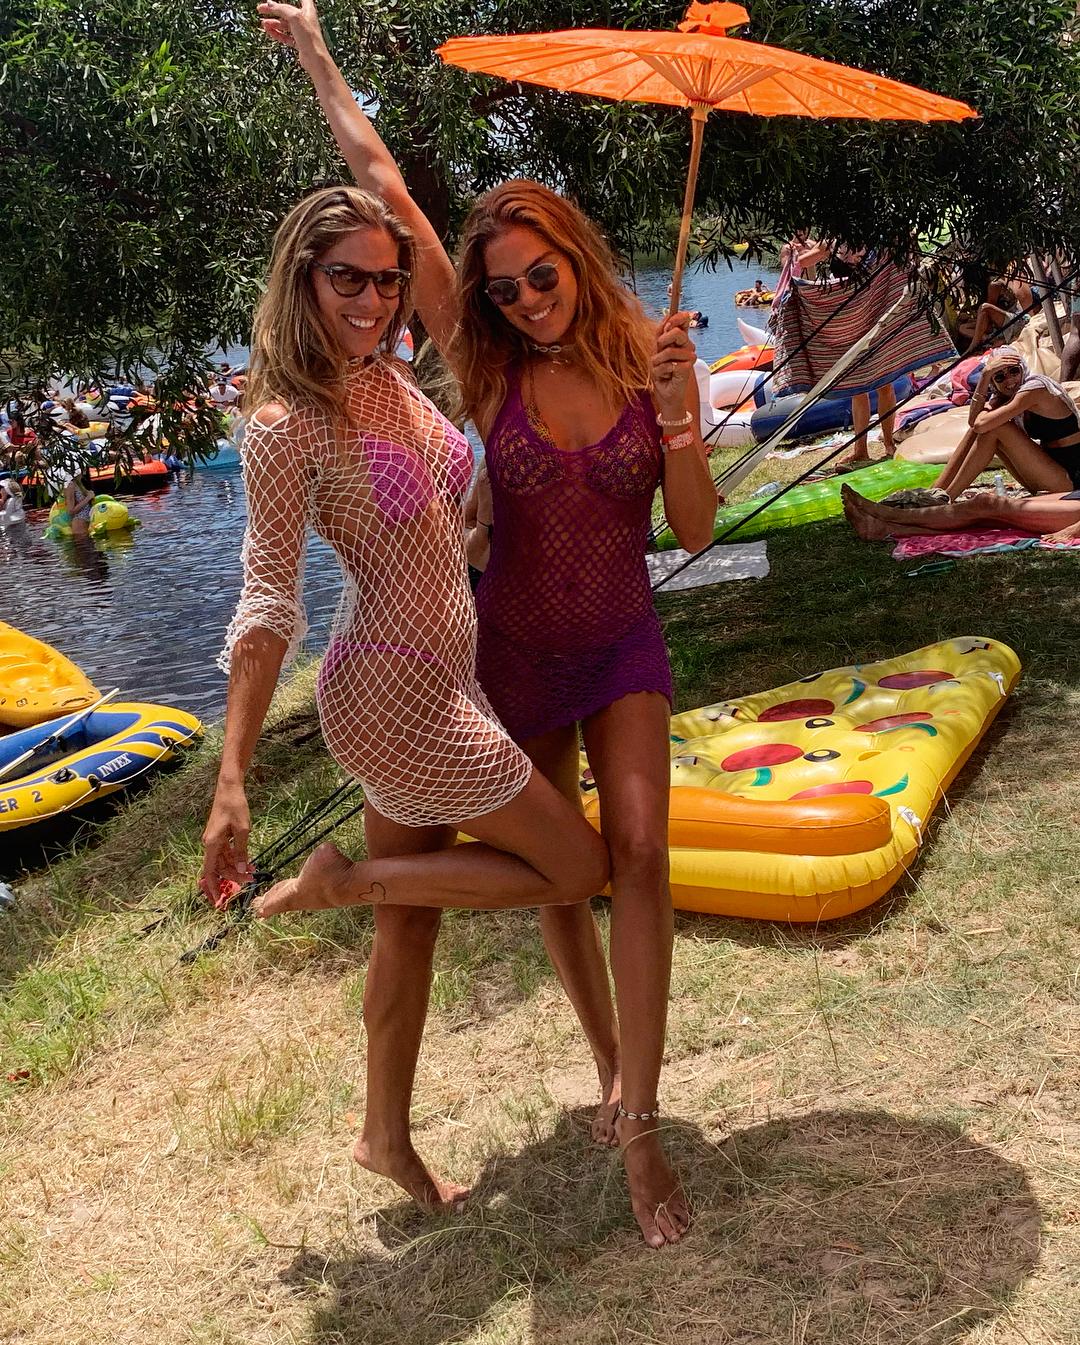 Karina Grand Nude Photos 8